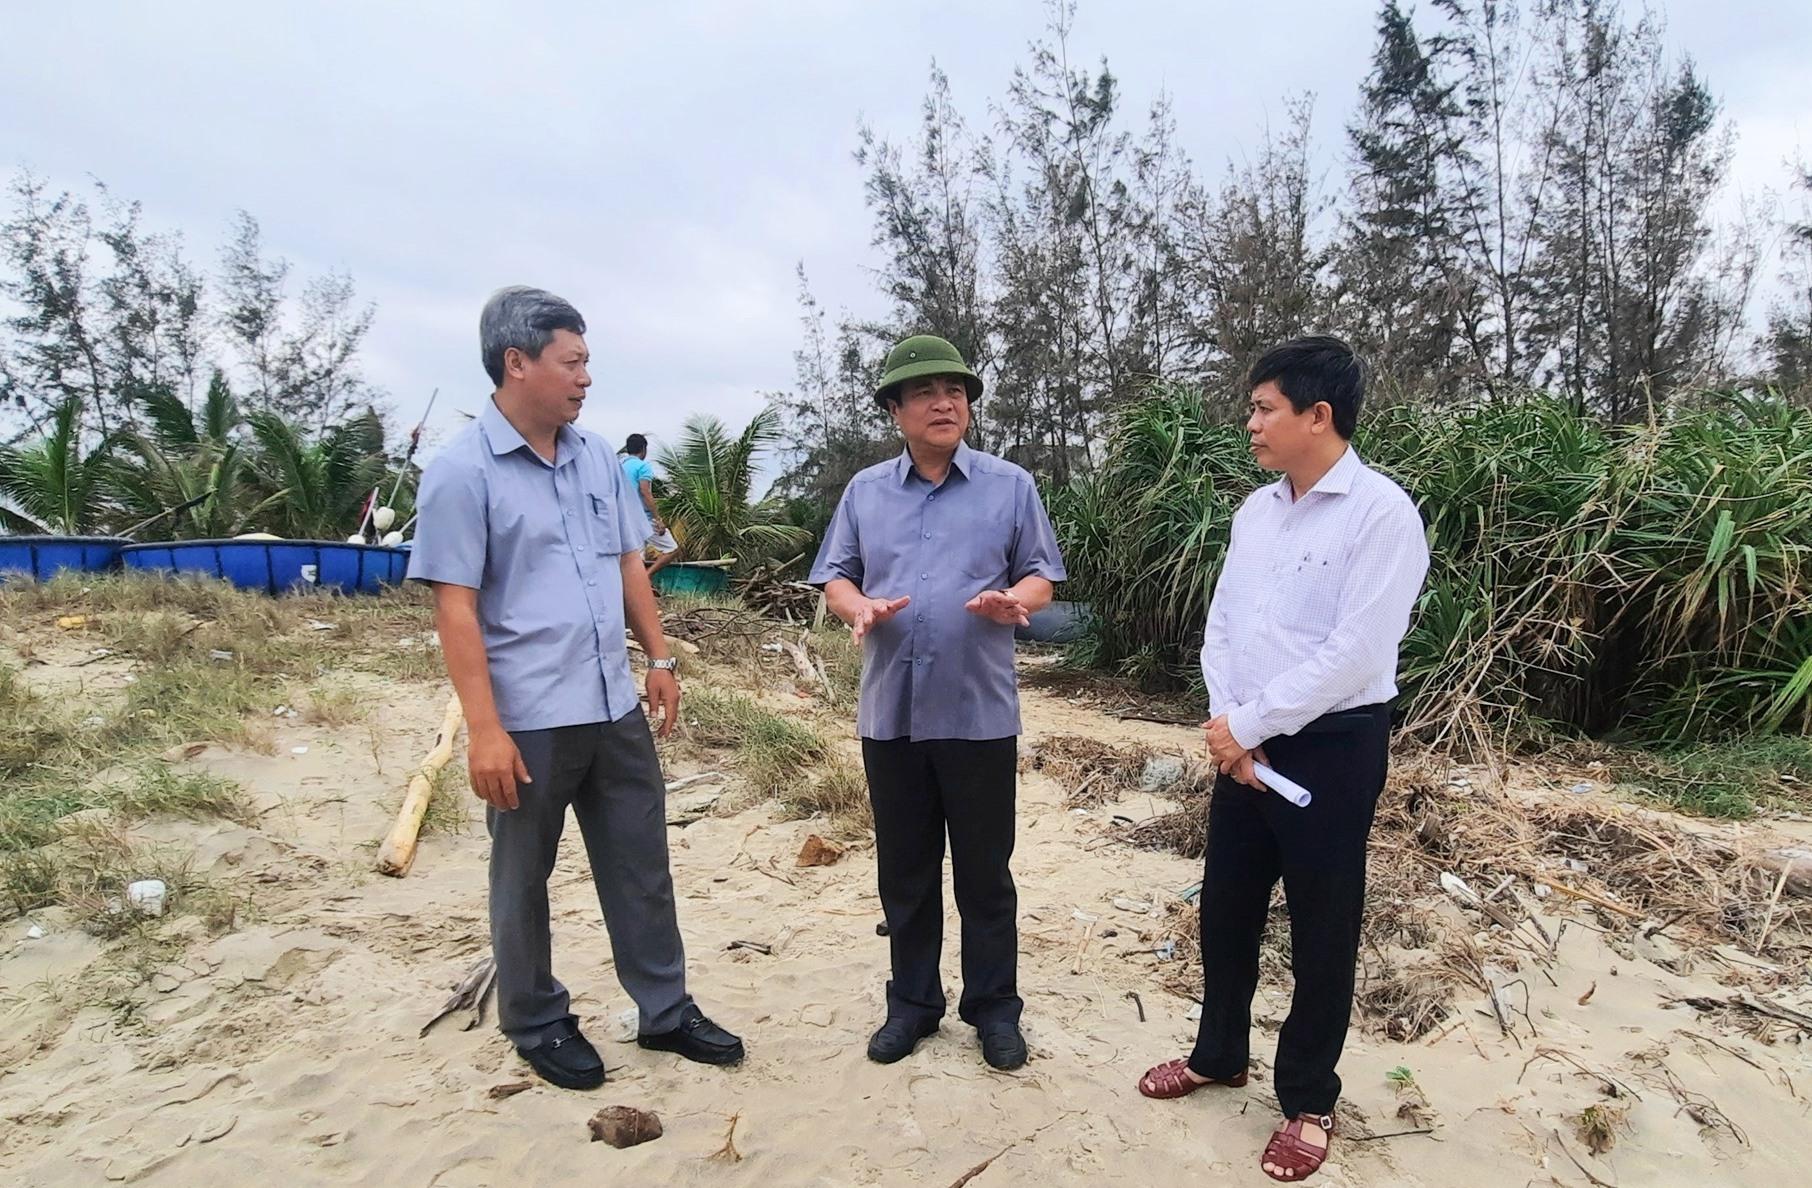 Bí thư Tỉnh ủy Phan Việt Cường kiểm tra phòng, chống bão số 13 tại các xã vùng biển huyện Thăng Bình. Ảnh: Đ.ĐẠO